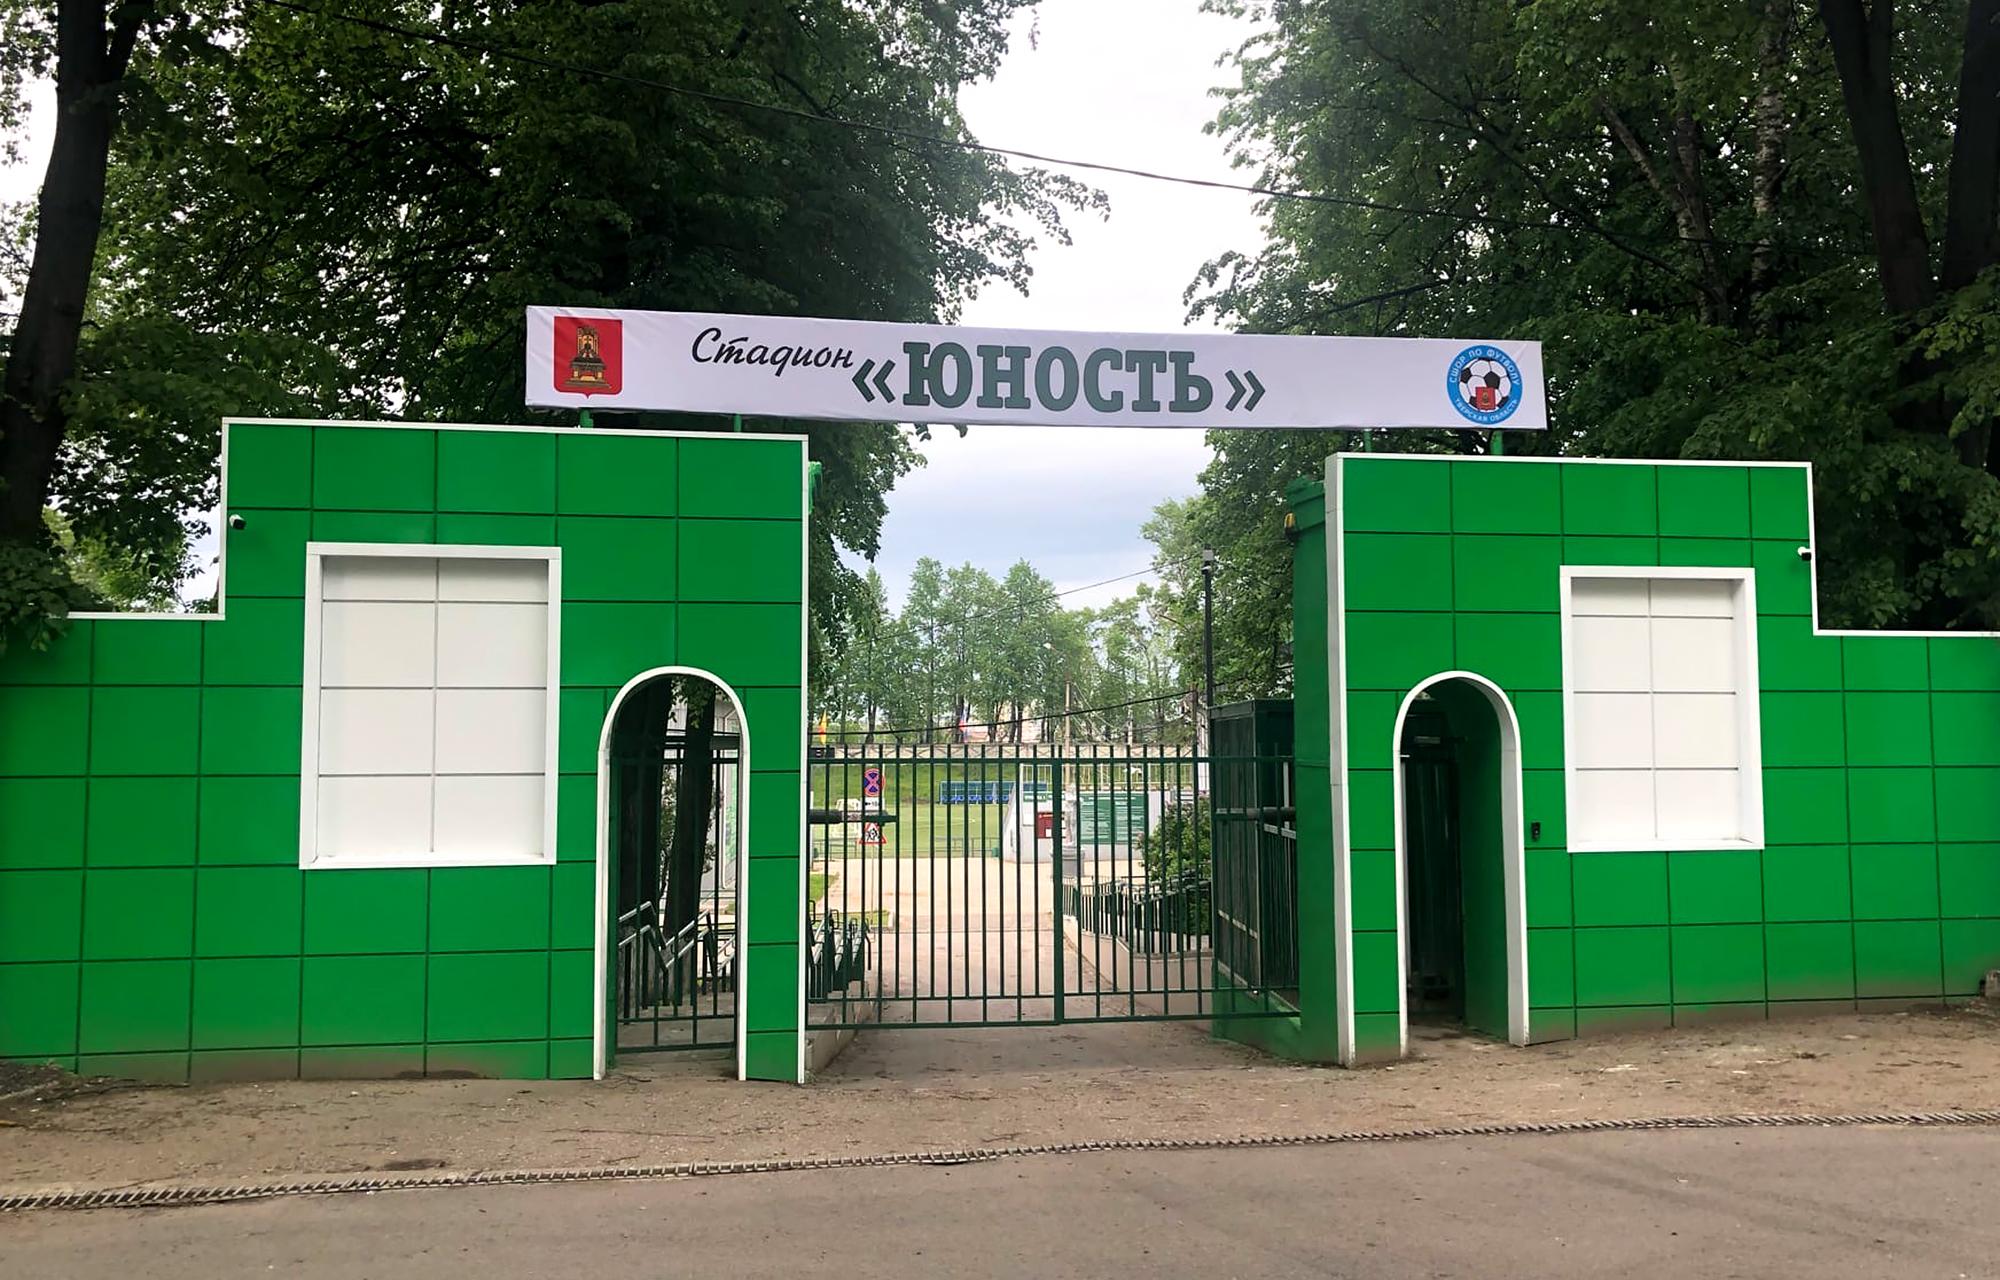 Футбольный клуб «Тверь» получил право выступать в соревнованиях Профессиональной лиги